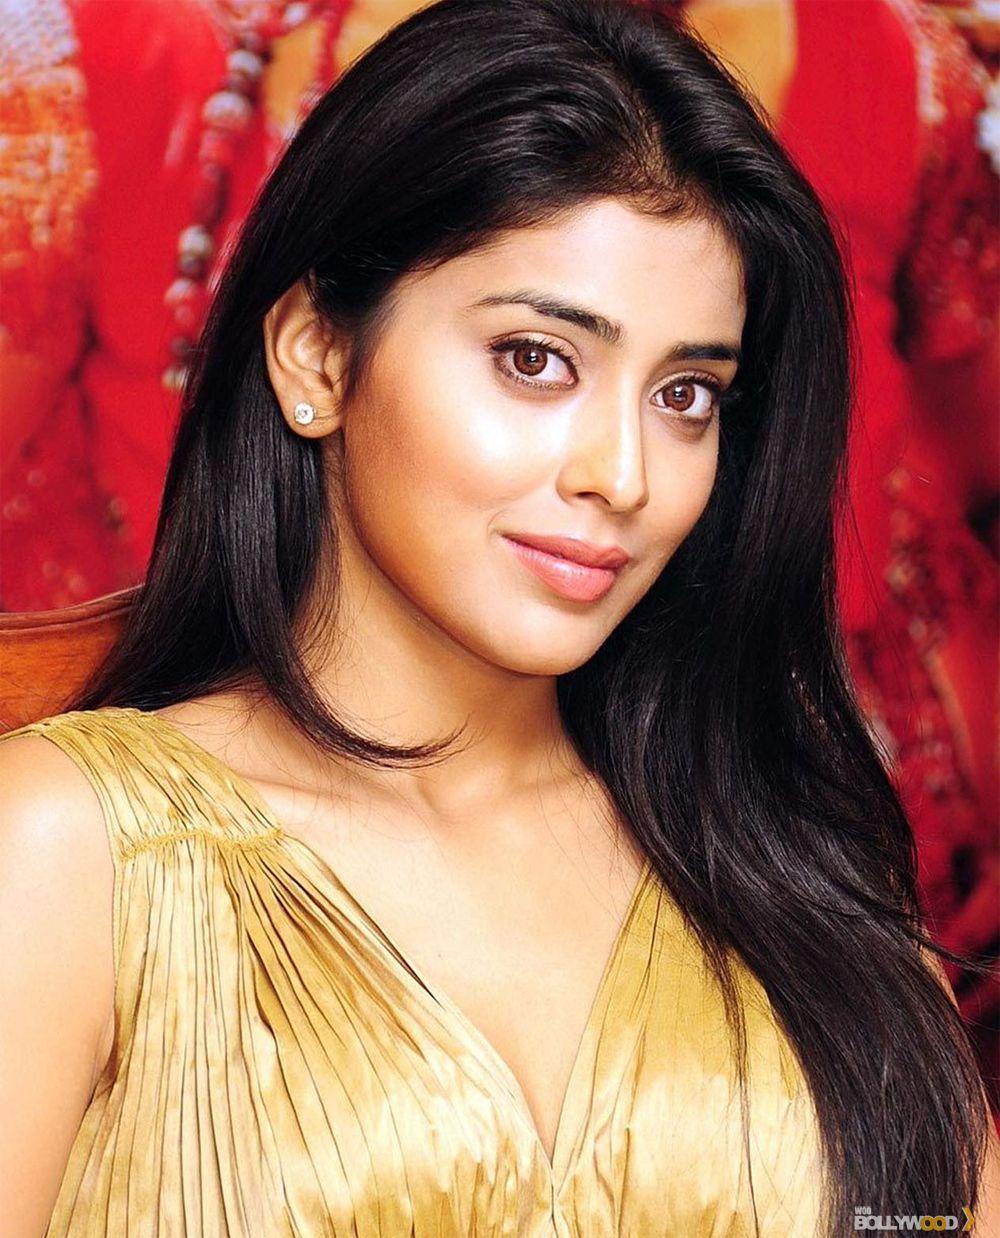 actress bollywood actresses indian shriya saran tollywood heroines telugu pic film ni cute snaps spicy kollywood